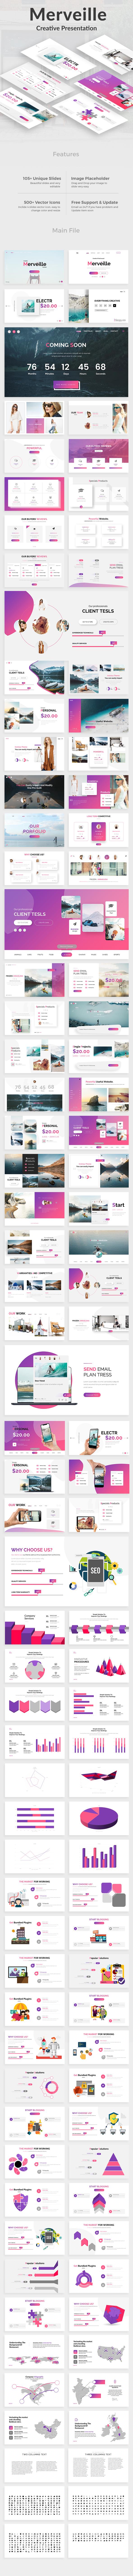 Merveille Creative Powerpoint Template - Creative PowerPoint Templates